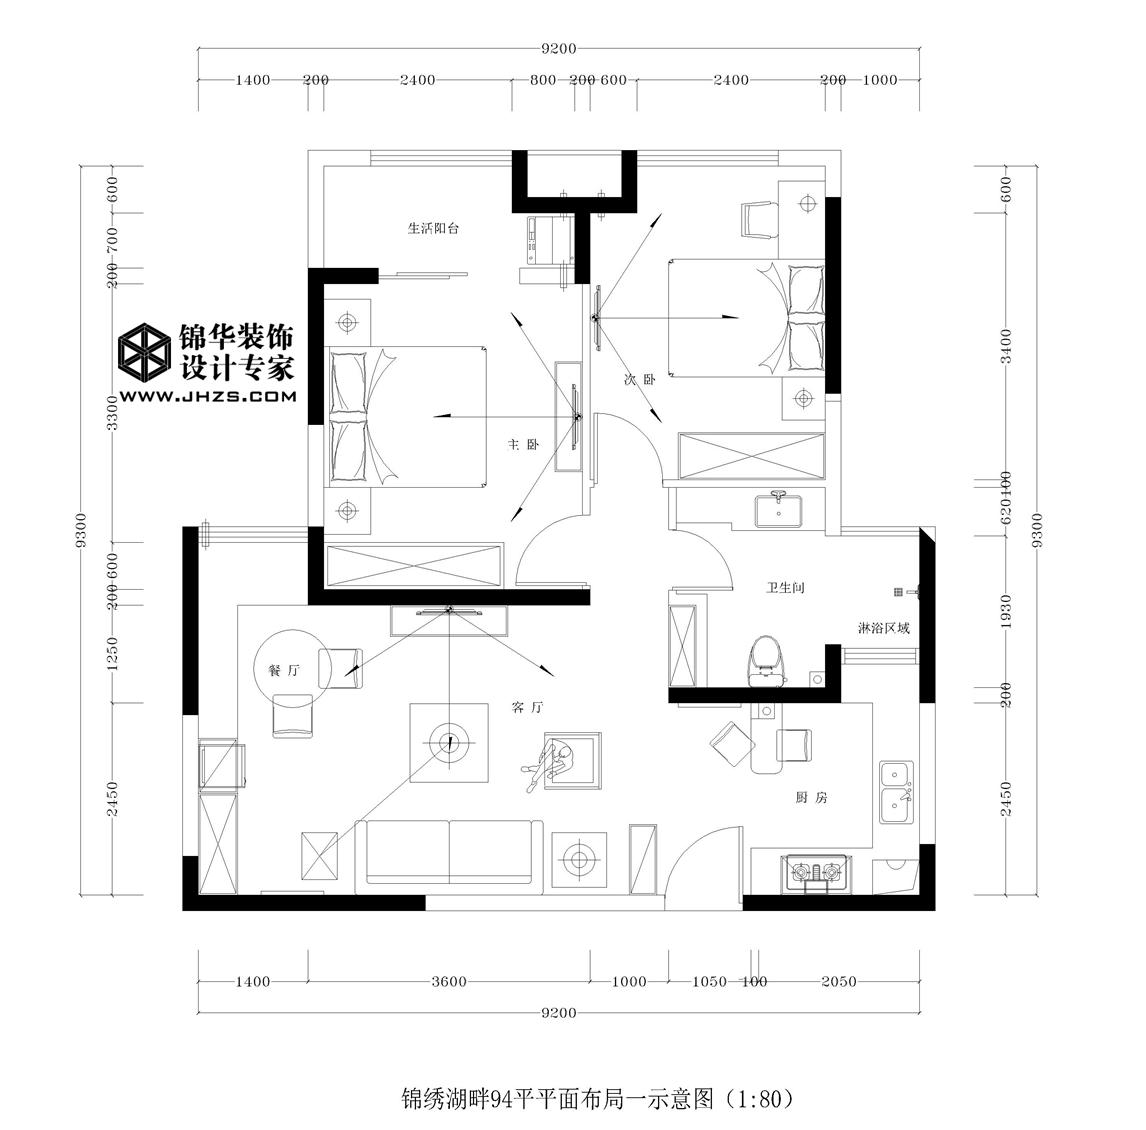 锦绣湖畔94㎡方案一户型解析-装修设计方案-徐州锦华